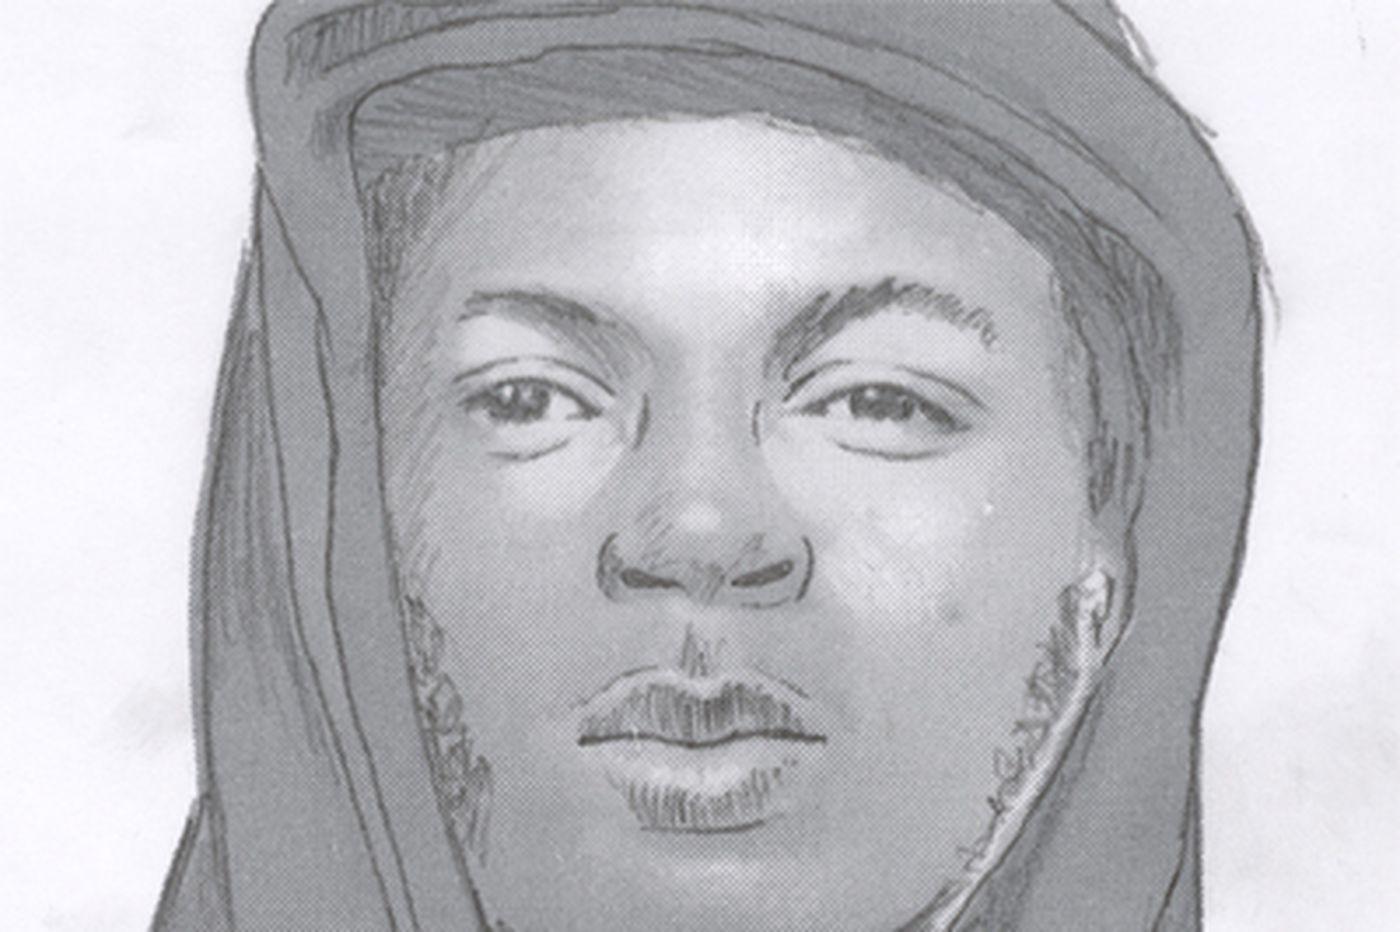 Police investigate new attack in Kensington